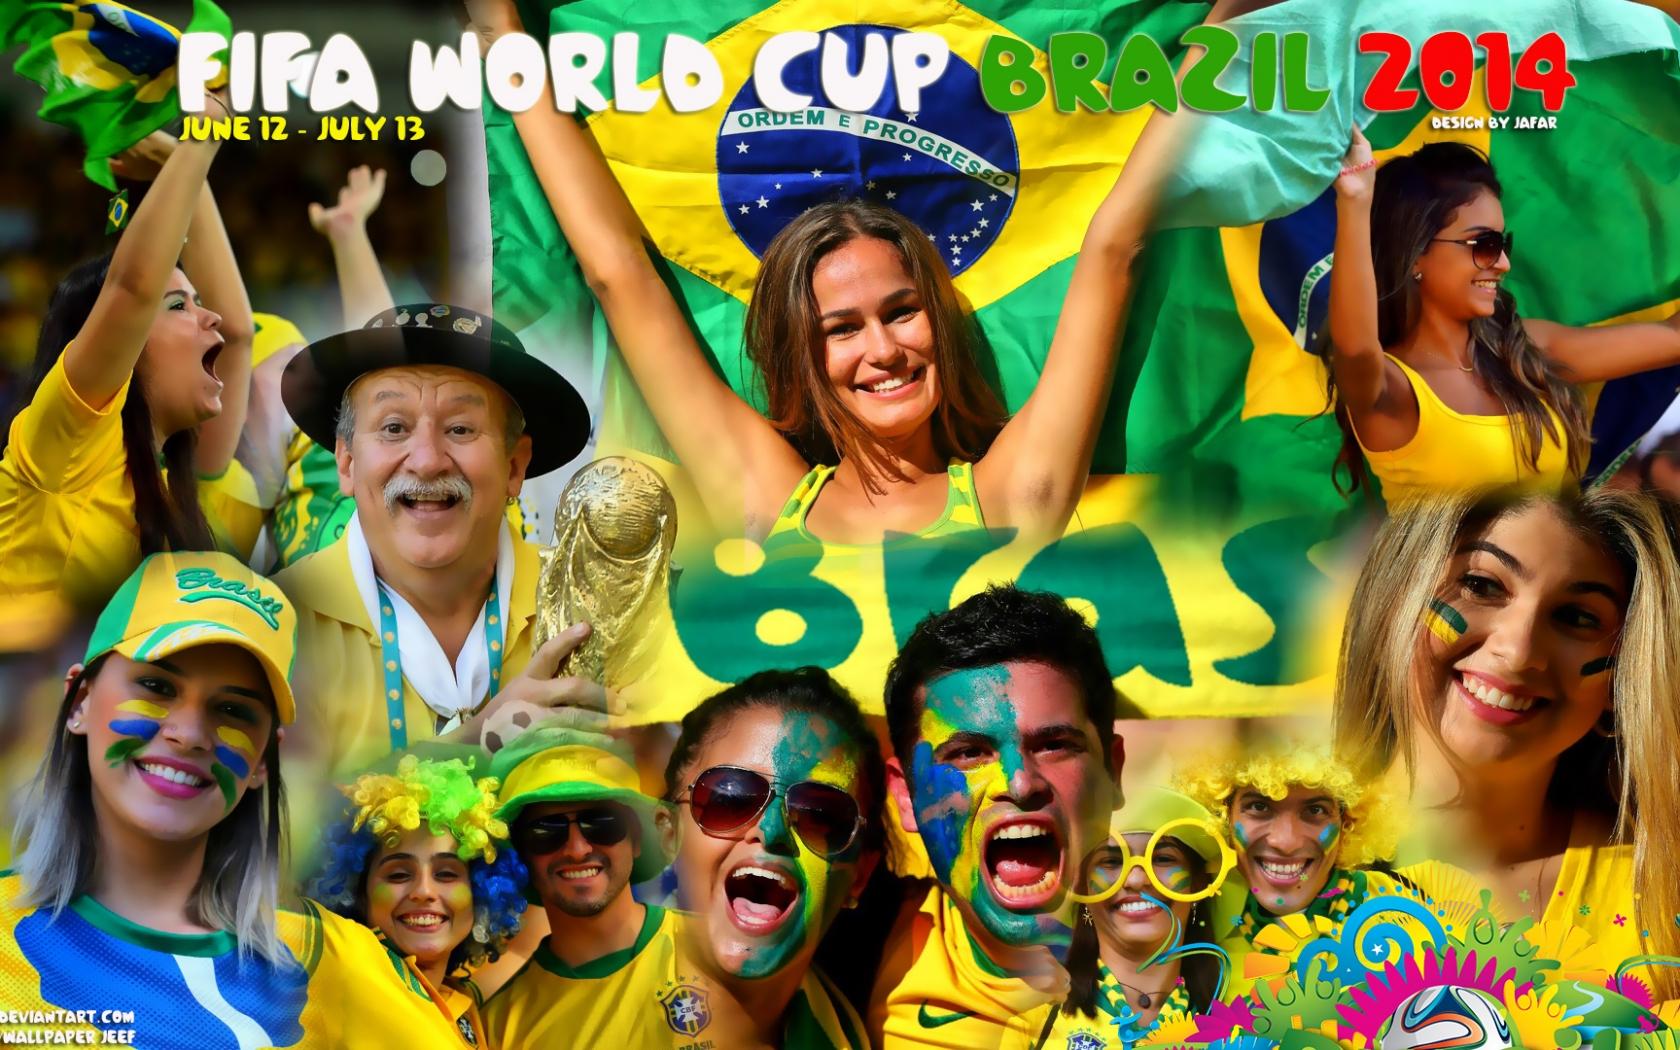 Mundial Brasil 2014 - 1680x1050